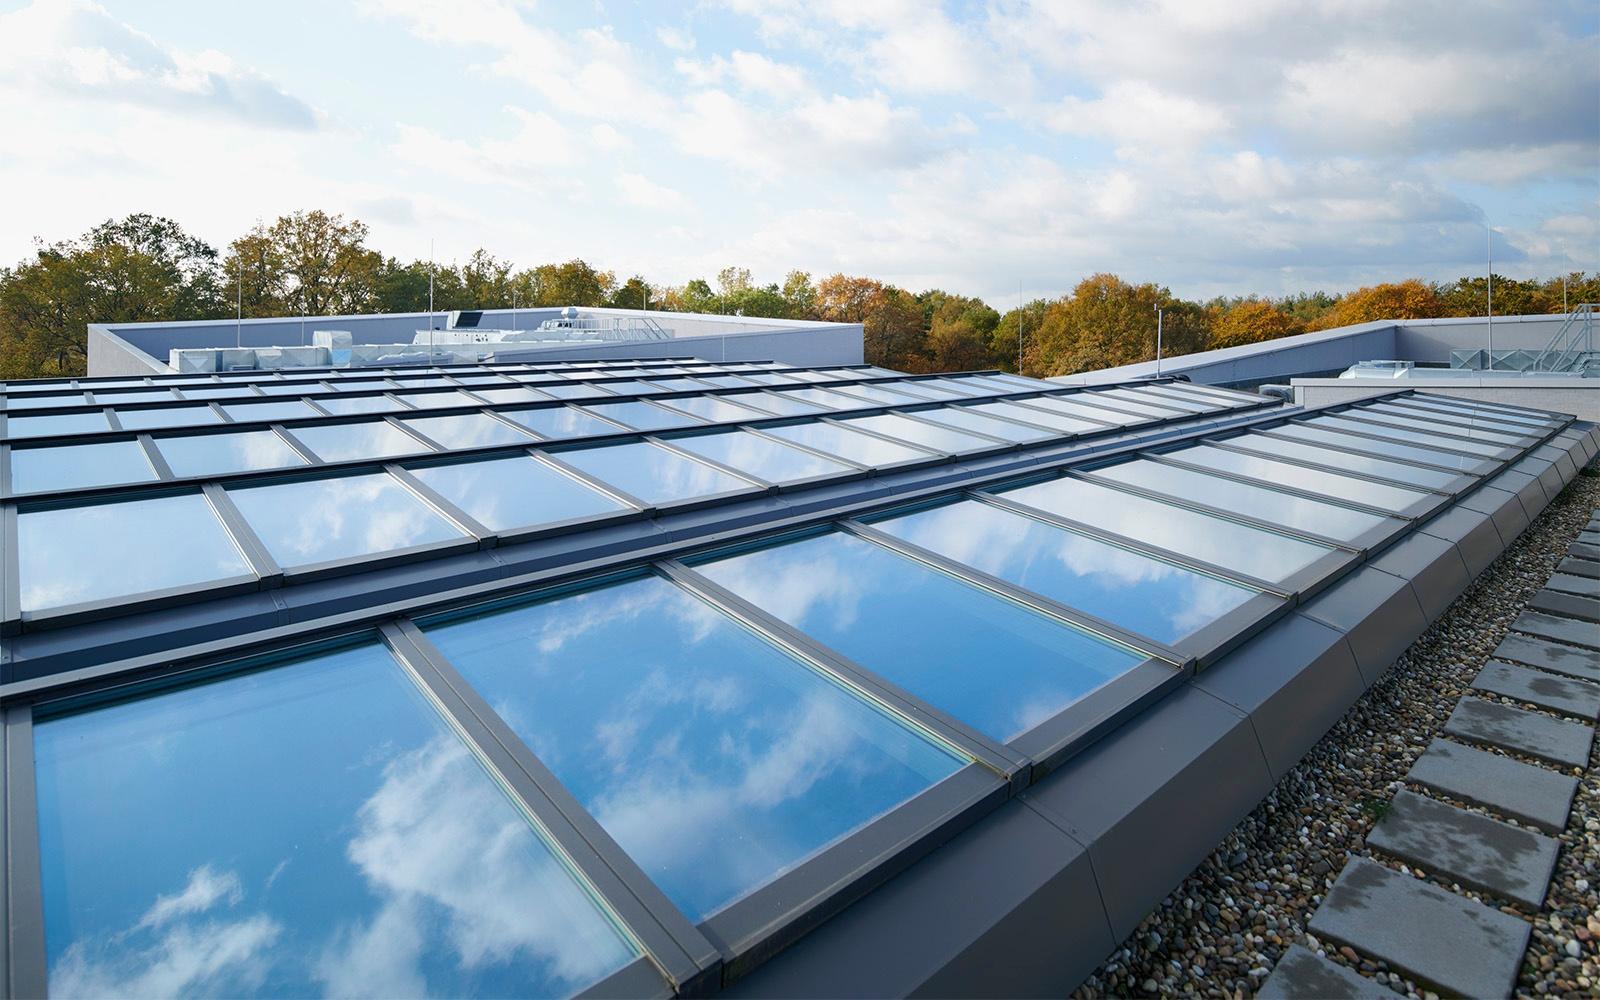 Dachverglasungslösungen der Hessenwaldschule in Deutschland